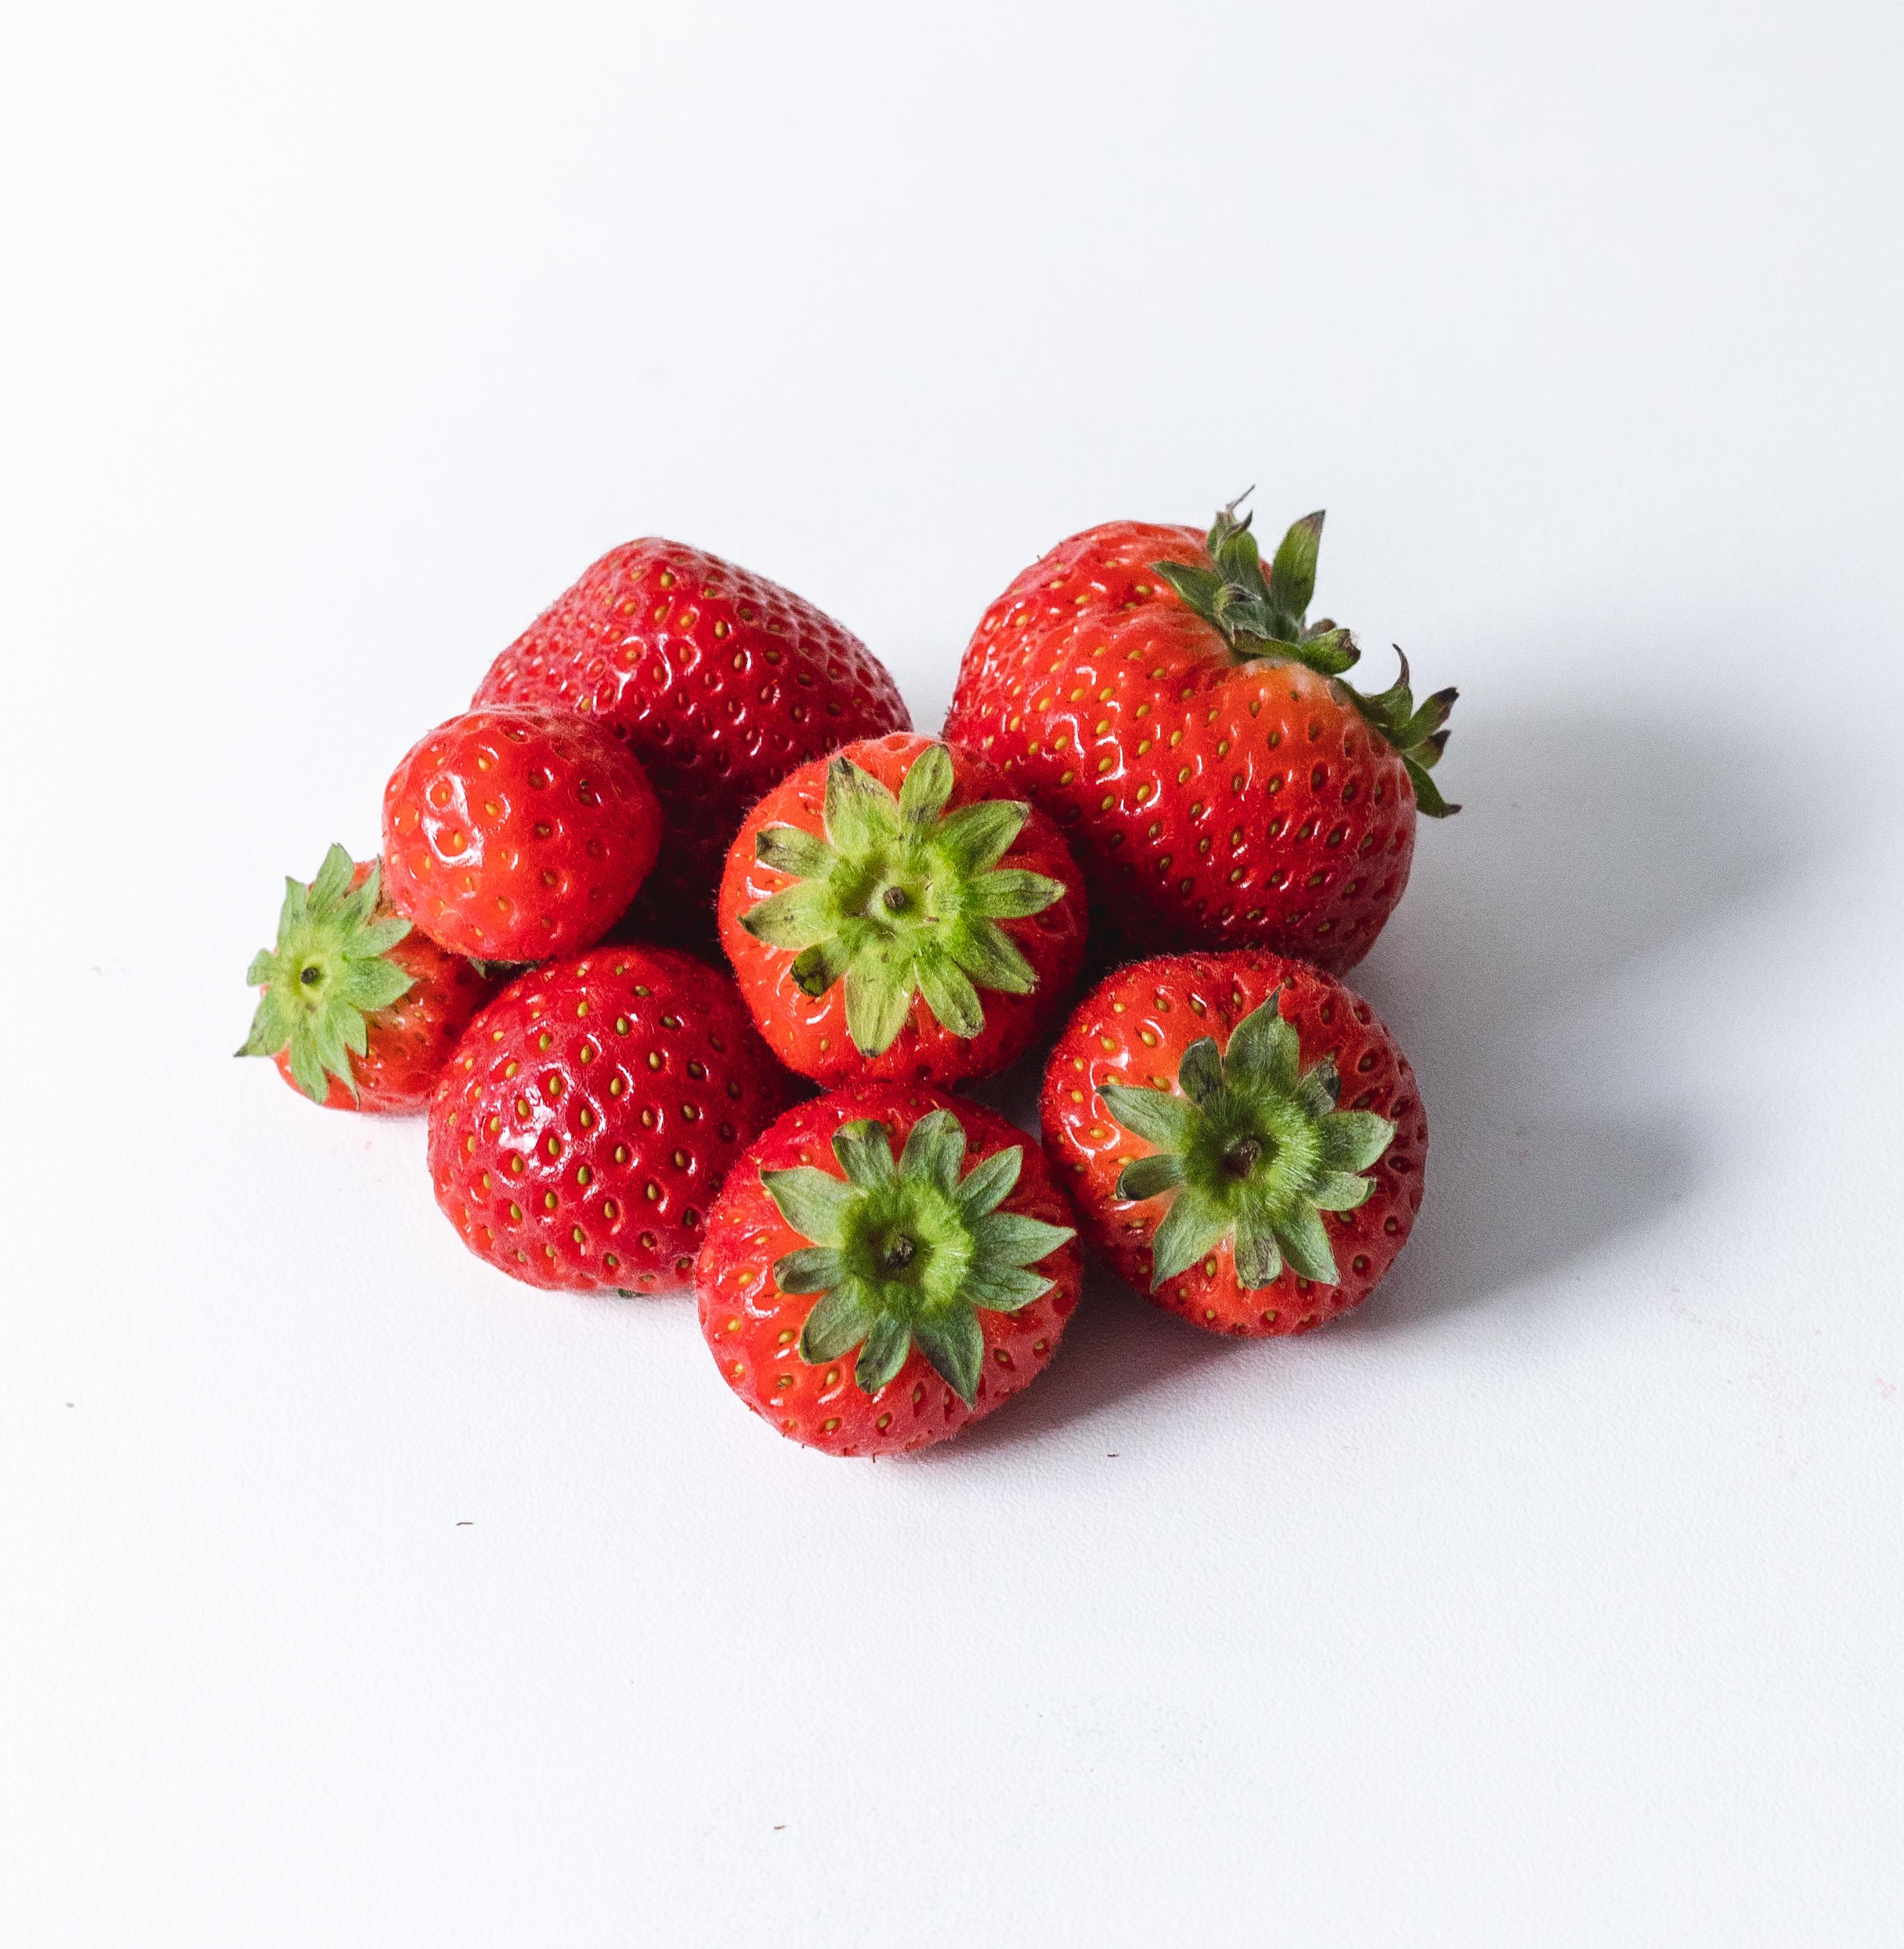 Barquette de fraises locales et sans pesticides, Agricool (125 g)